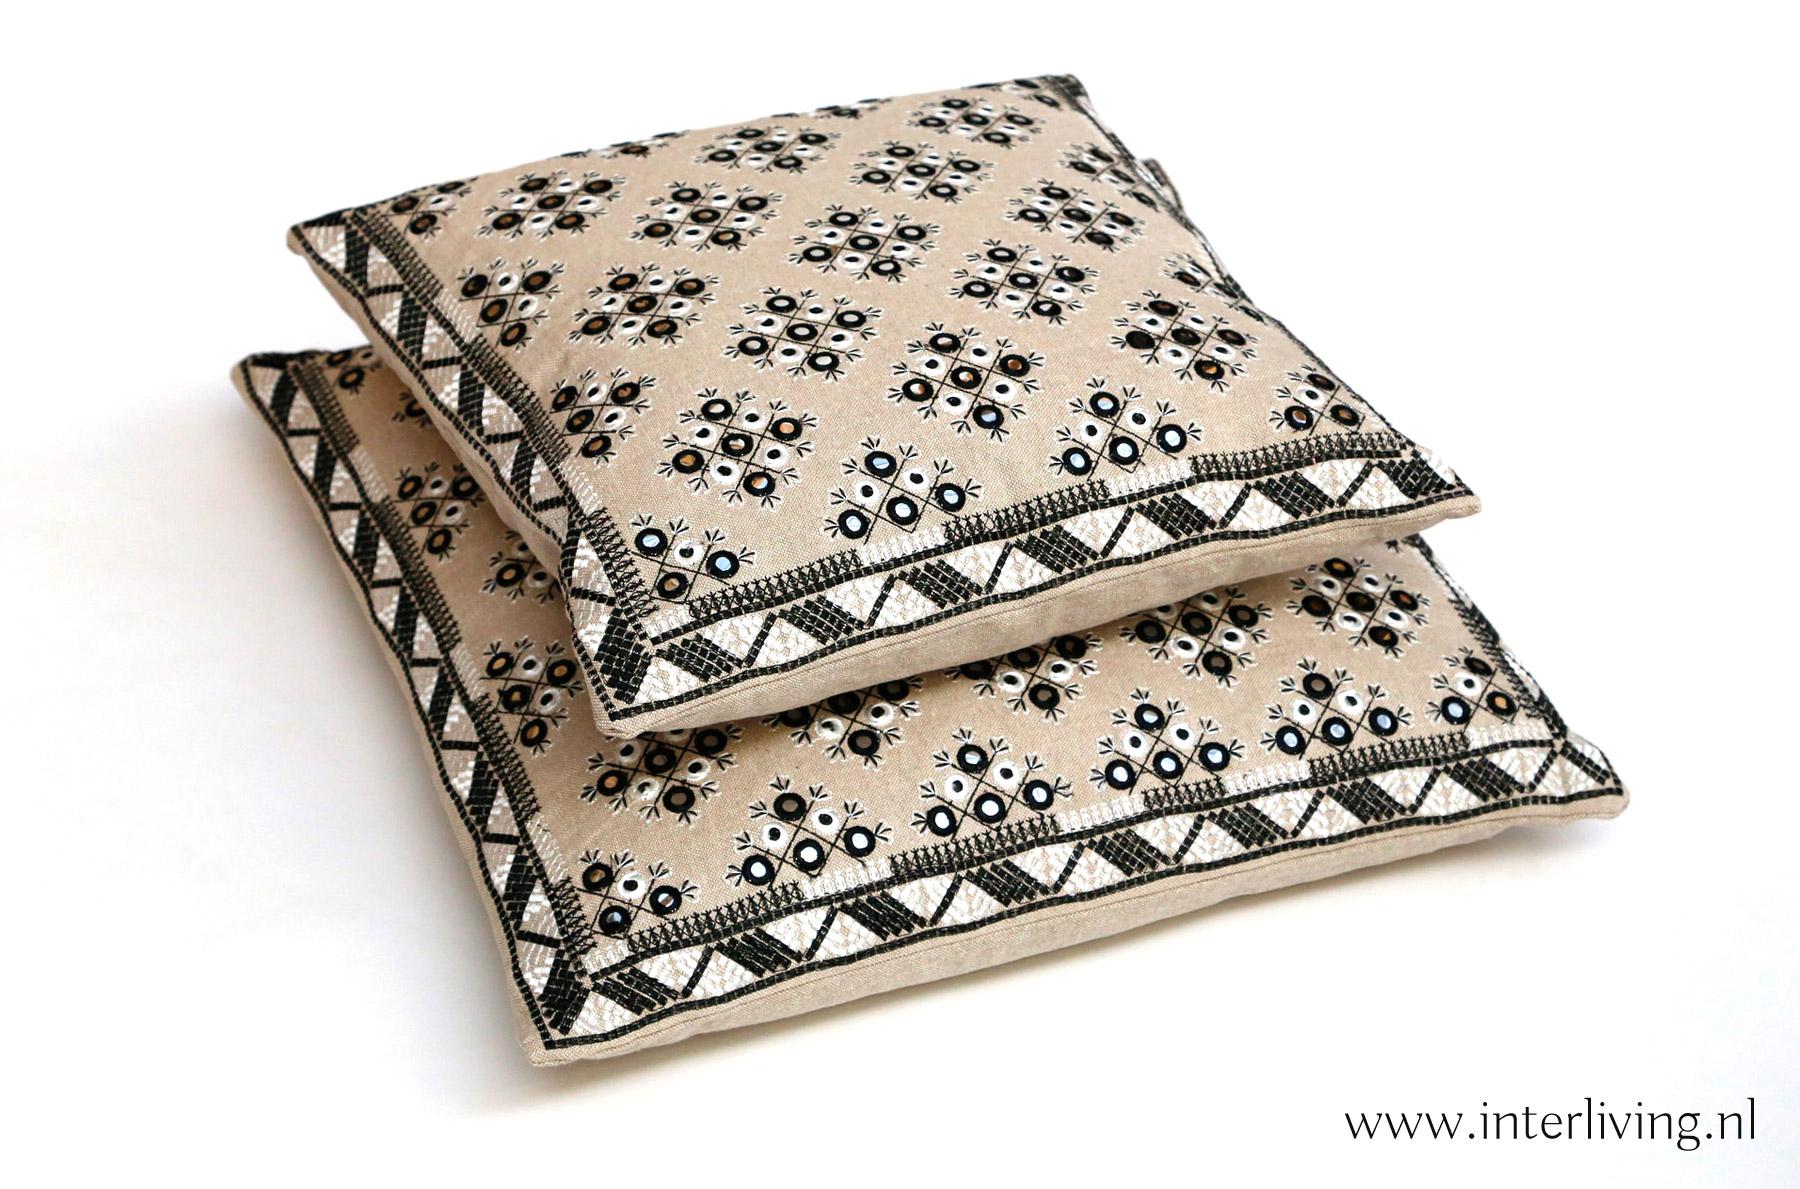 kussen wit Marokkaanse stijl met glamour - kleur ecru - zand en grijs- styling Boho interieur - Ibiza huis